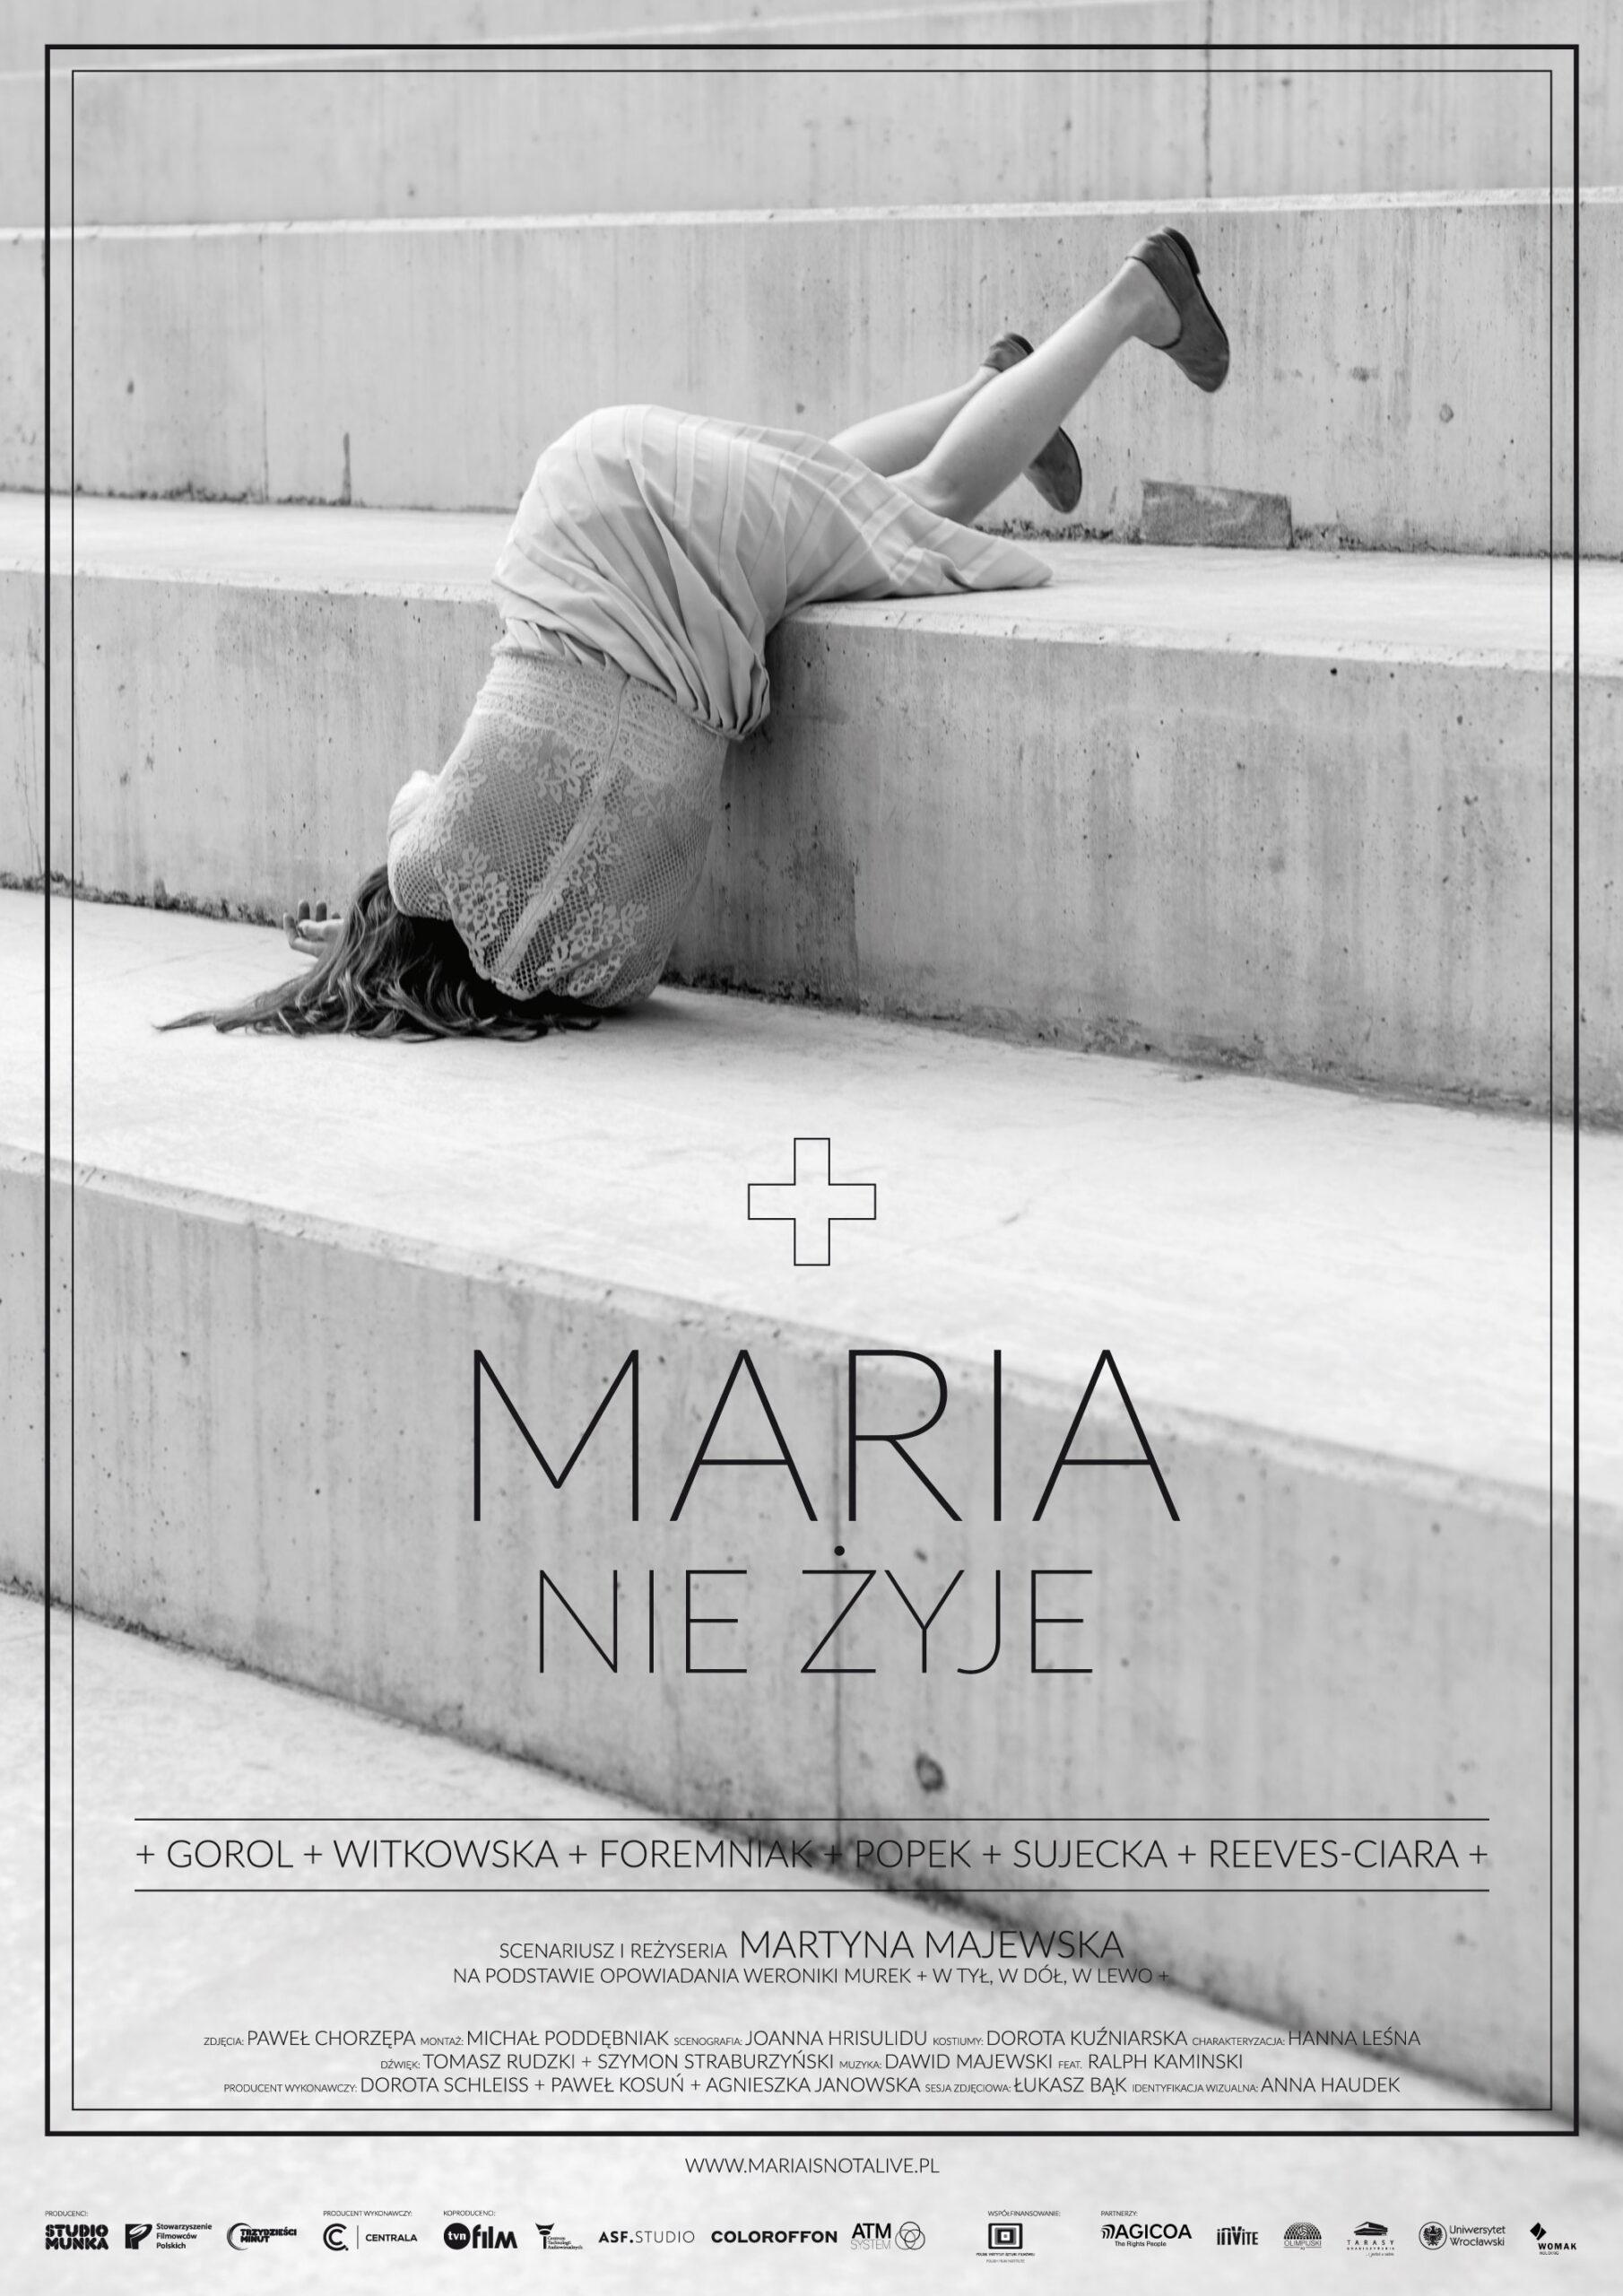 MARIA NIE ŻYJE